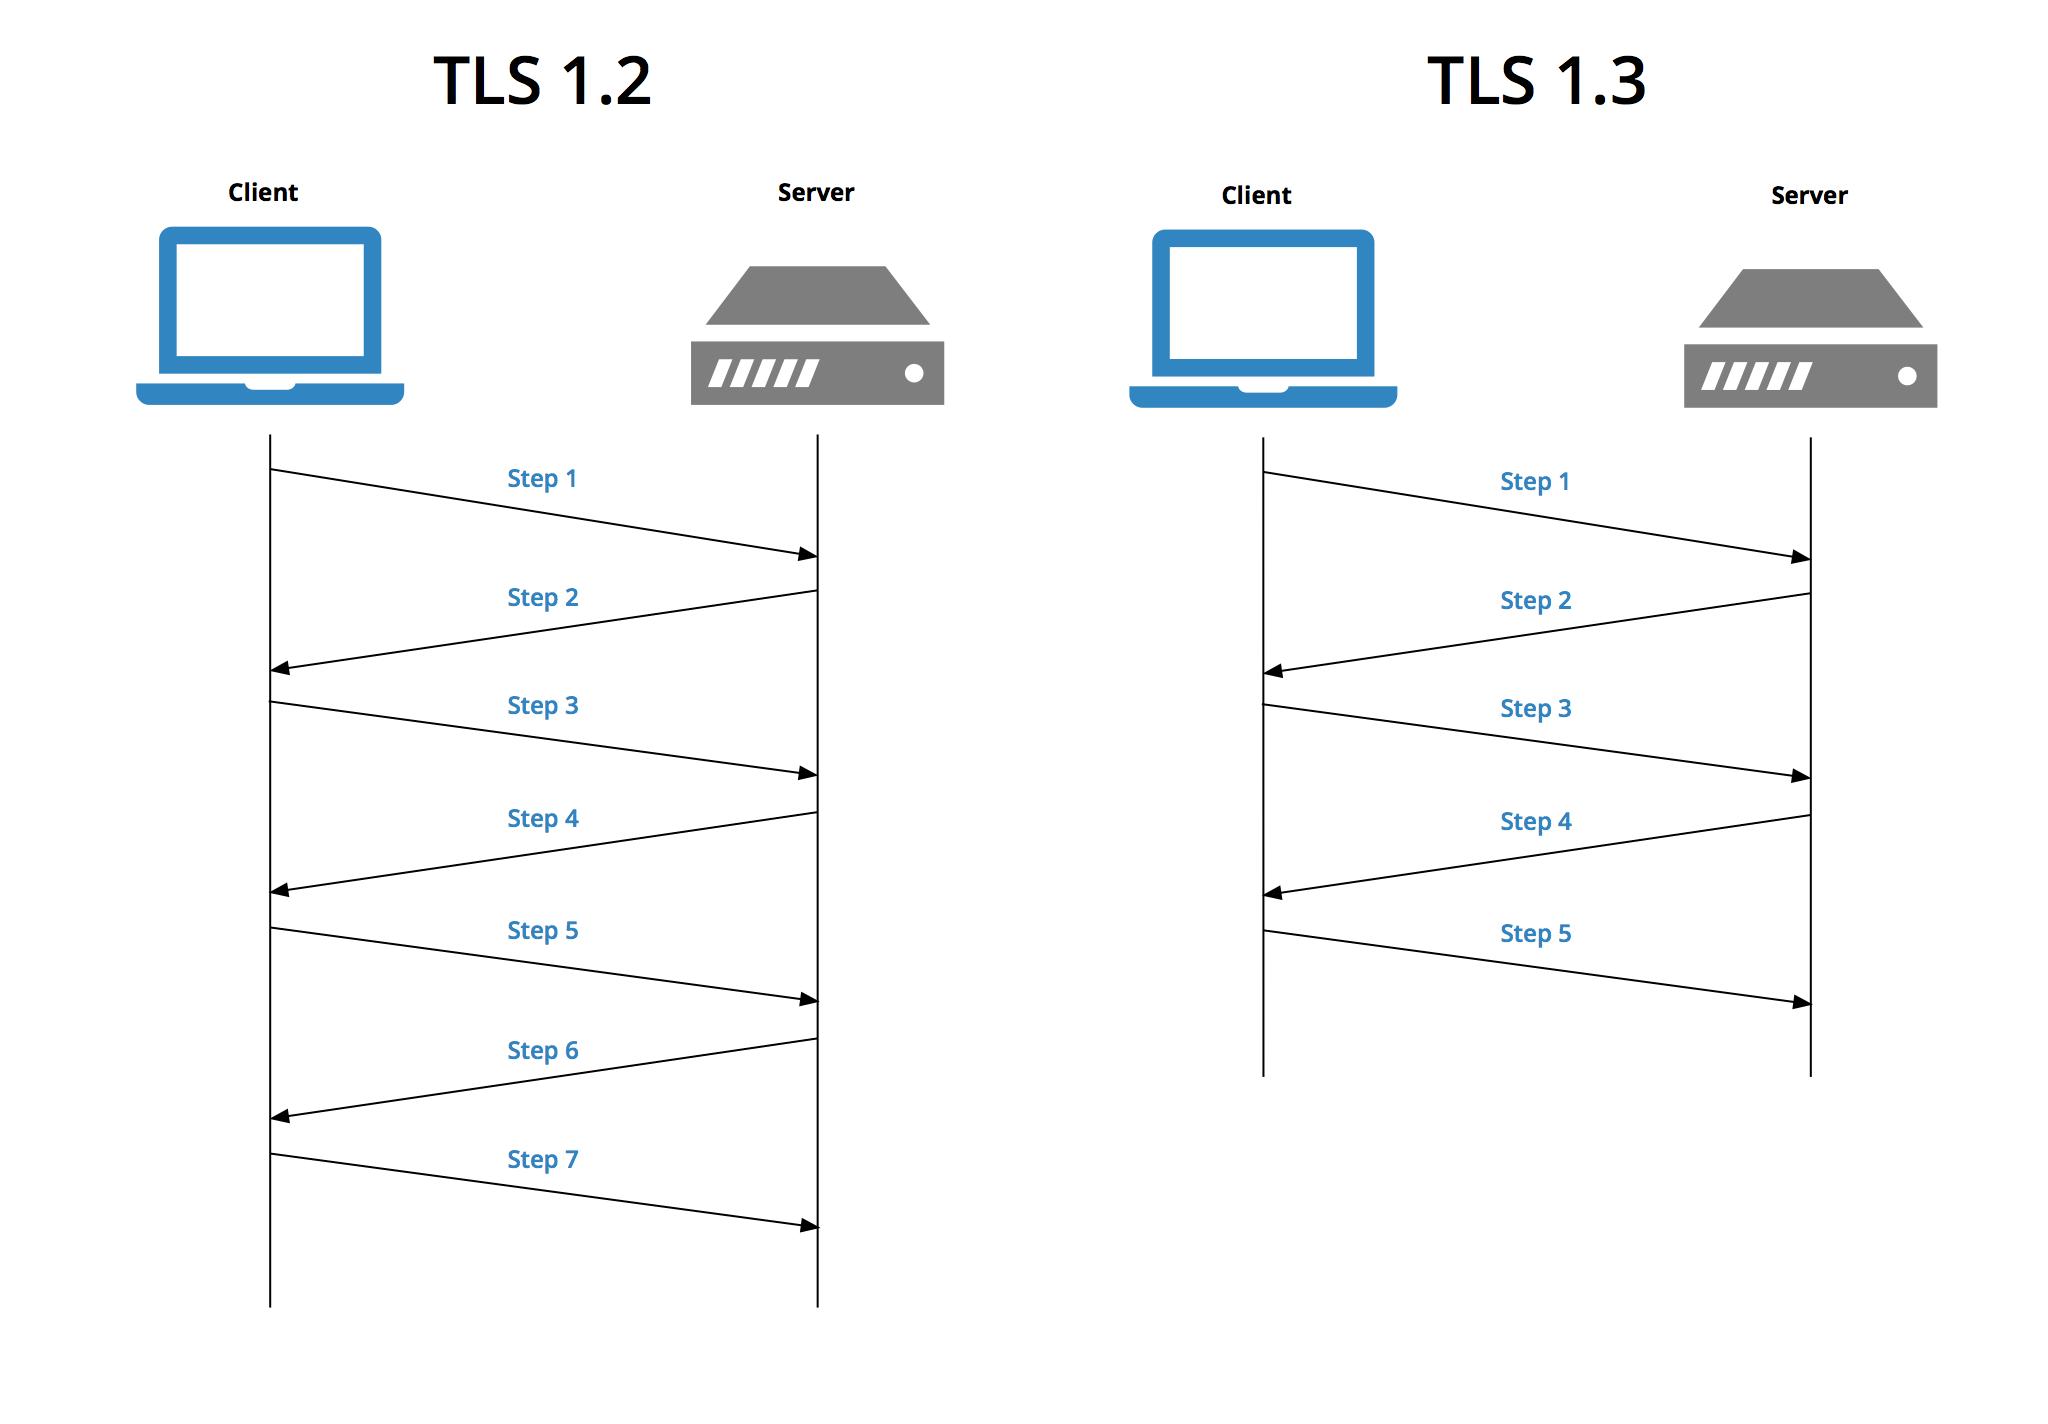 tls1.2 vs tls1.3